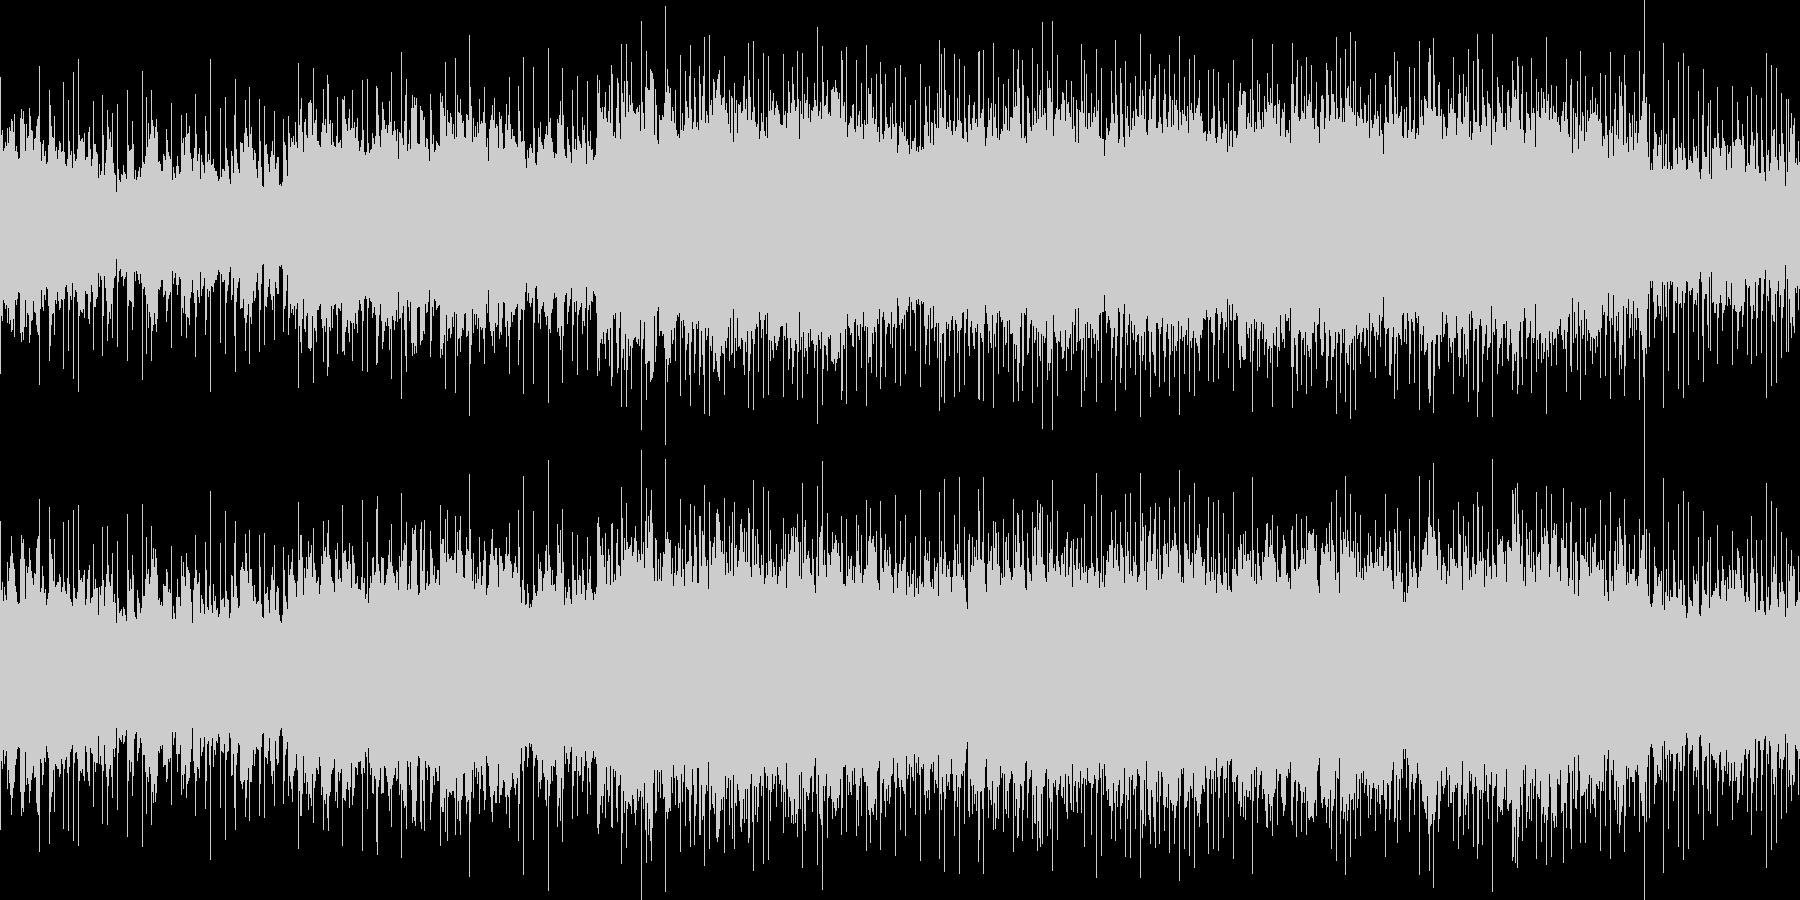 ハードロック調の戦闘曲風チューンの未再生の波形